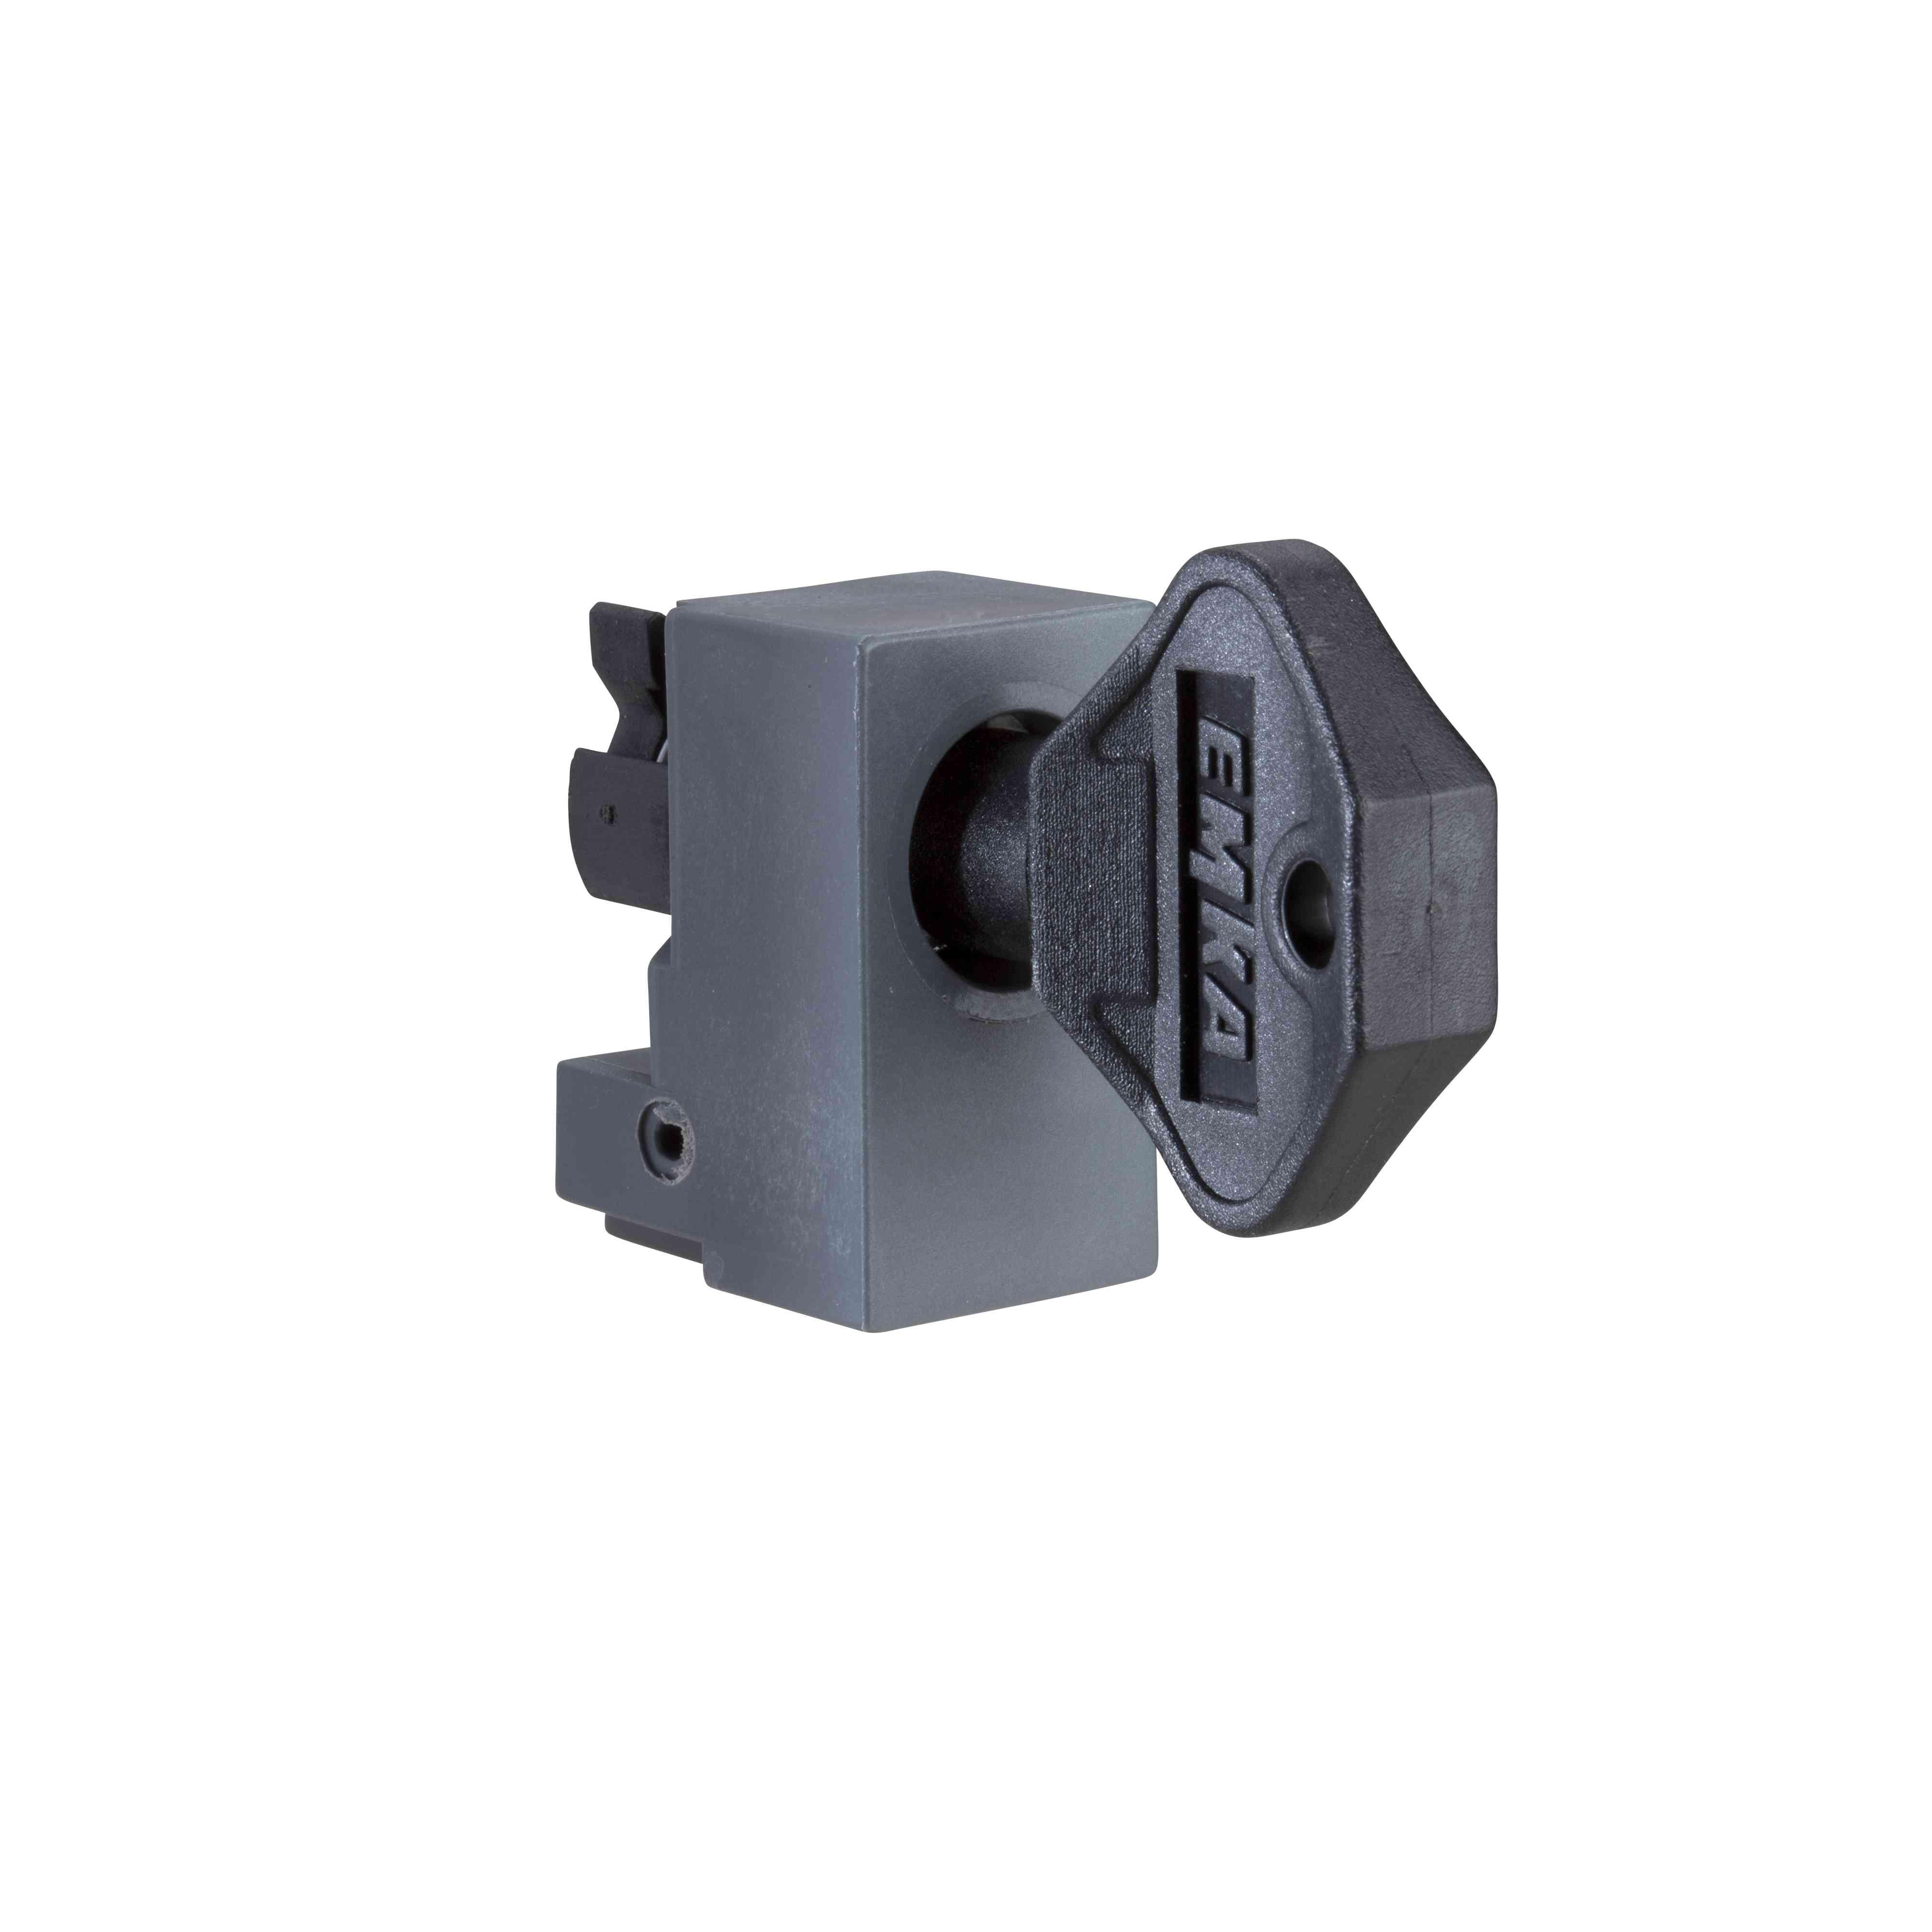 Oblikovan vložek - 8-mm trikotni vložek za ključavnico